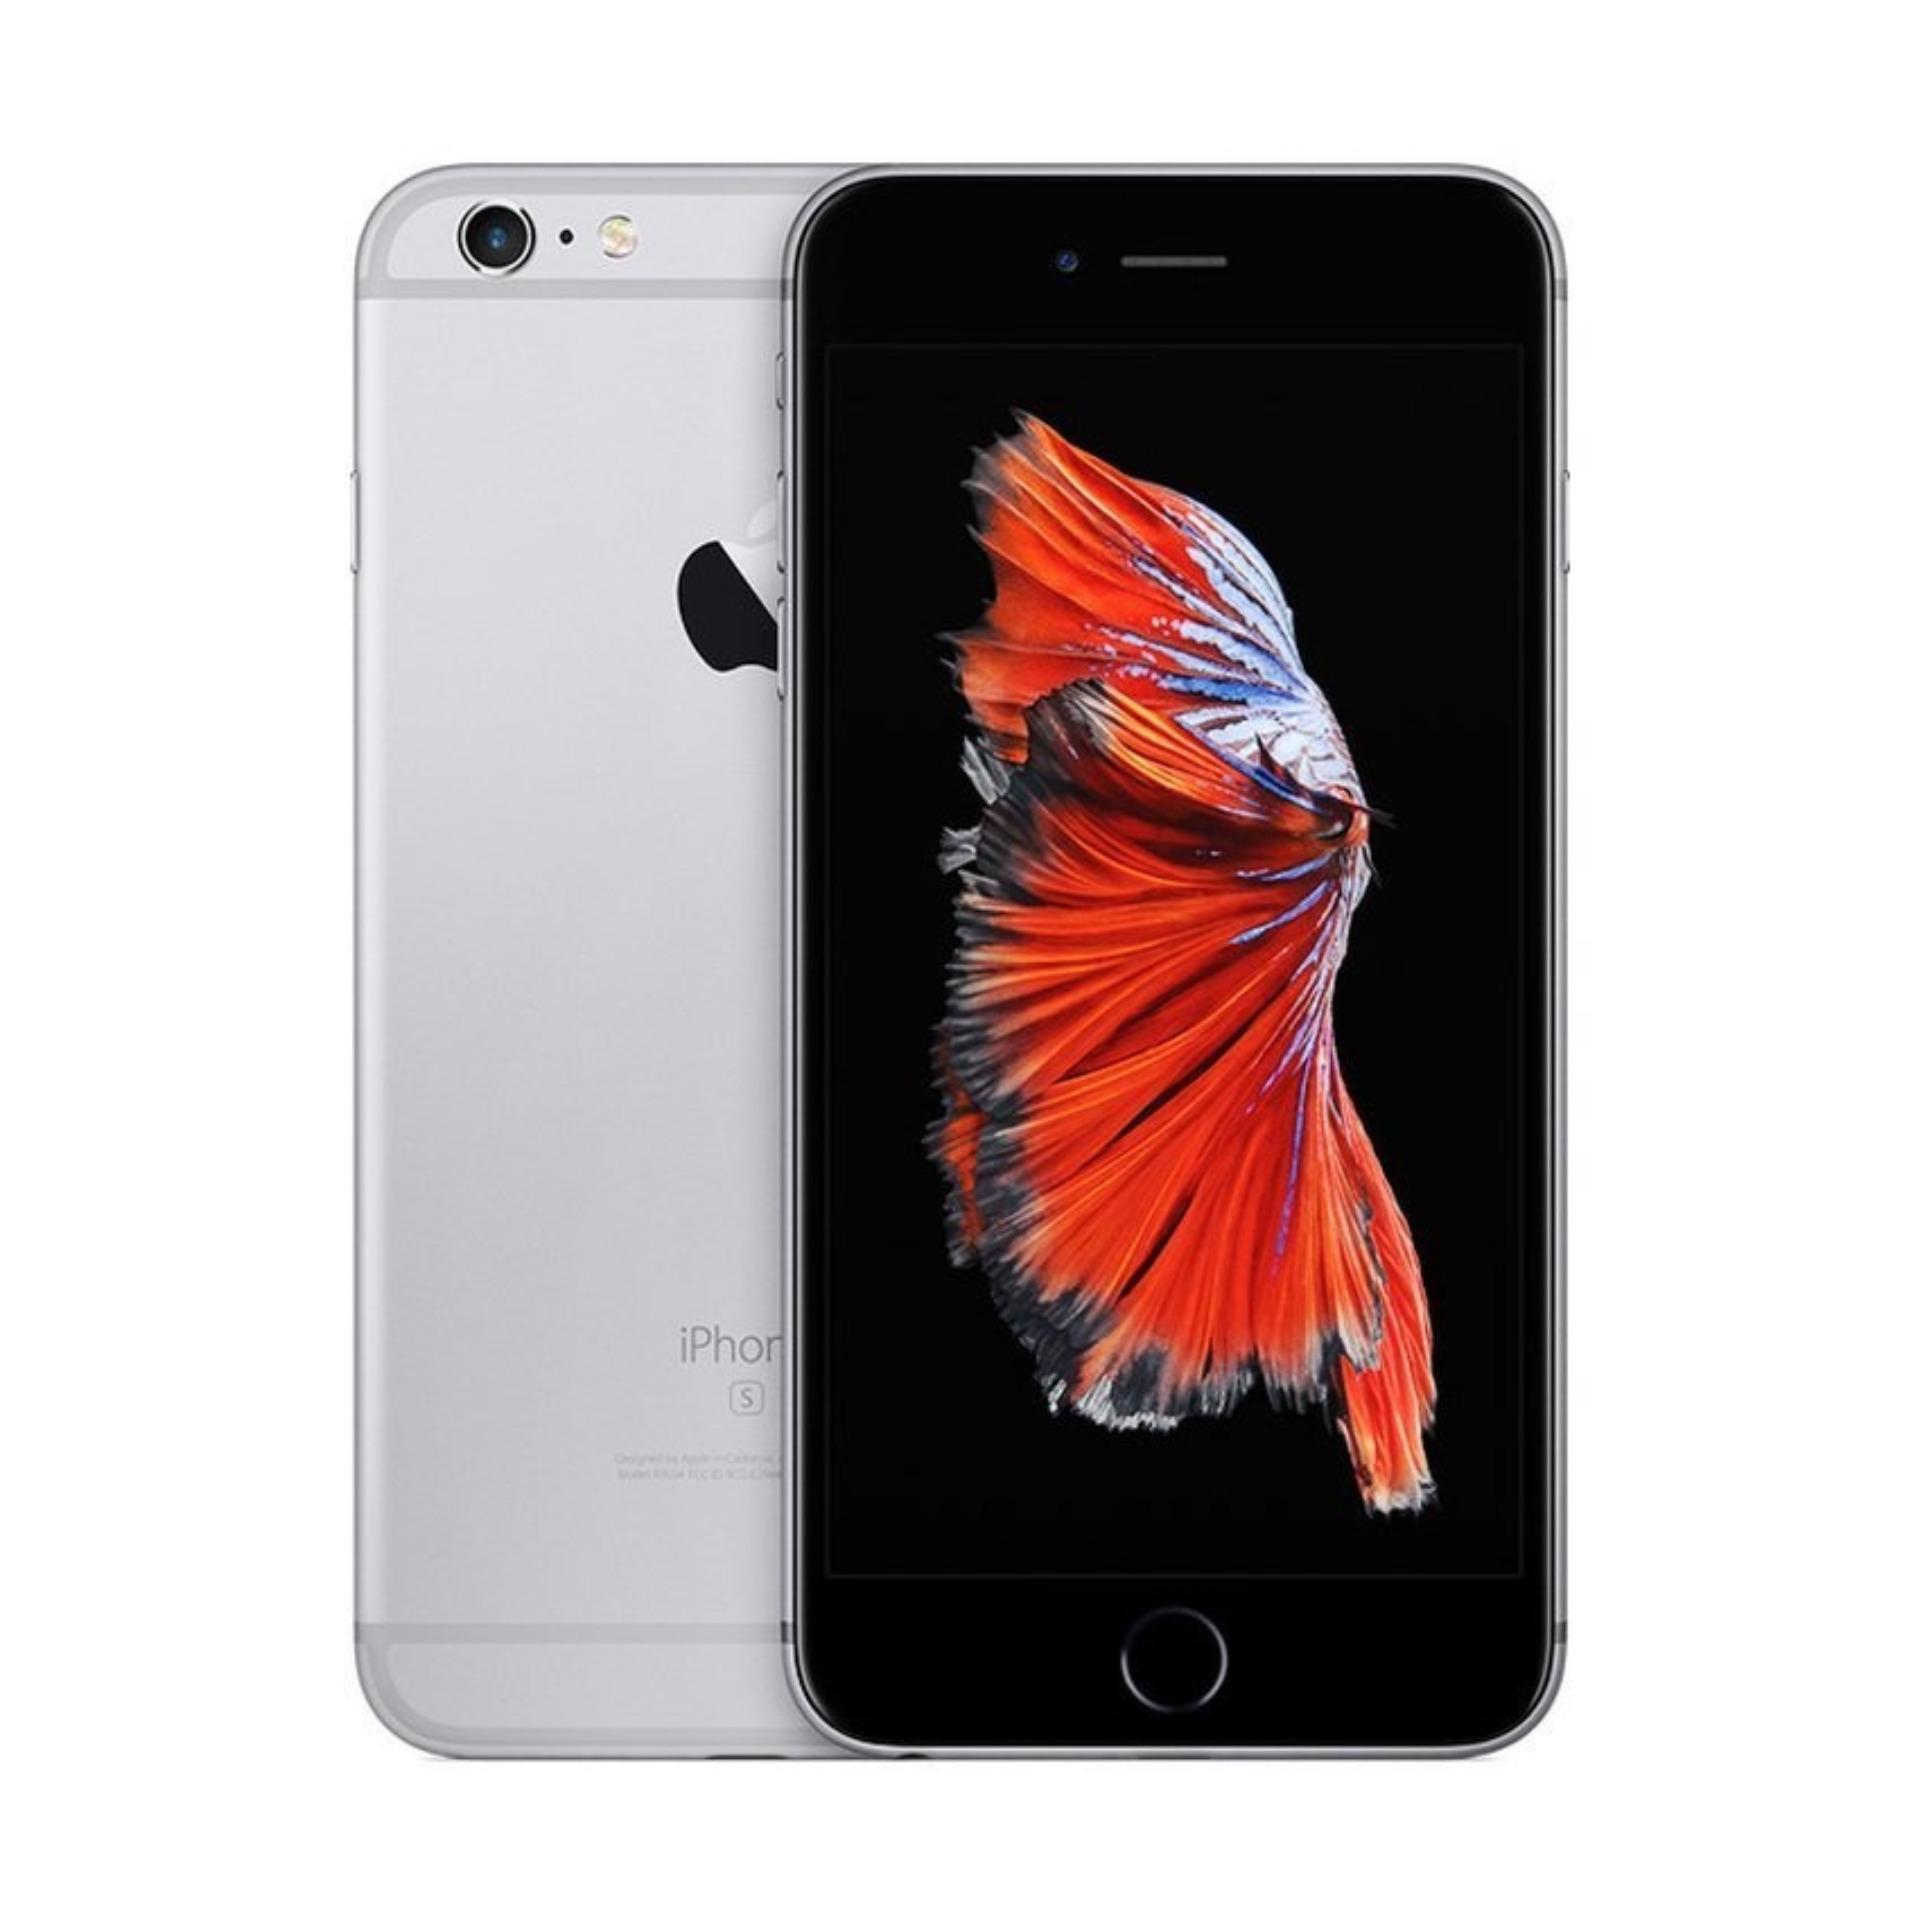 Banting Harga Apple Iphone 5c 16gb Pink Garansi 1 Tahun Termurah 5 64gb Lcd Original 6s 12mp 2gb Ram Space Grey